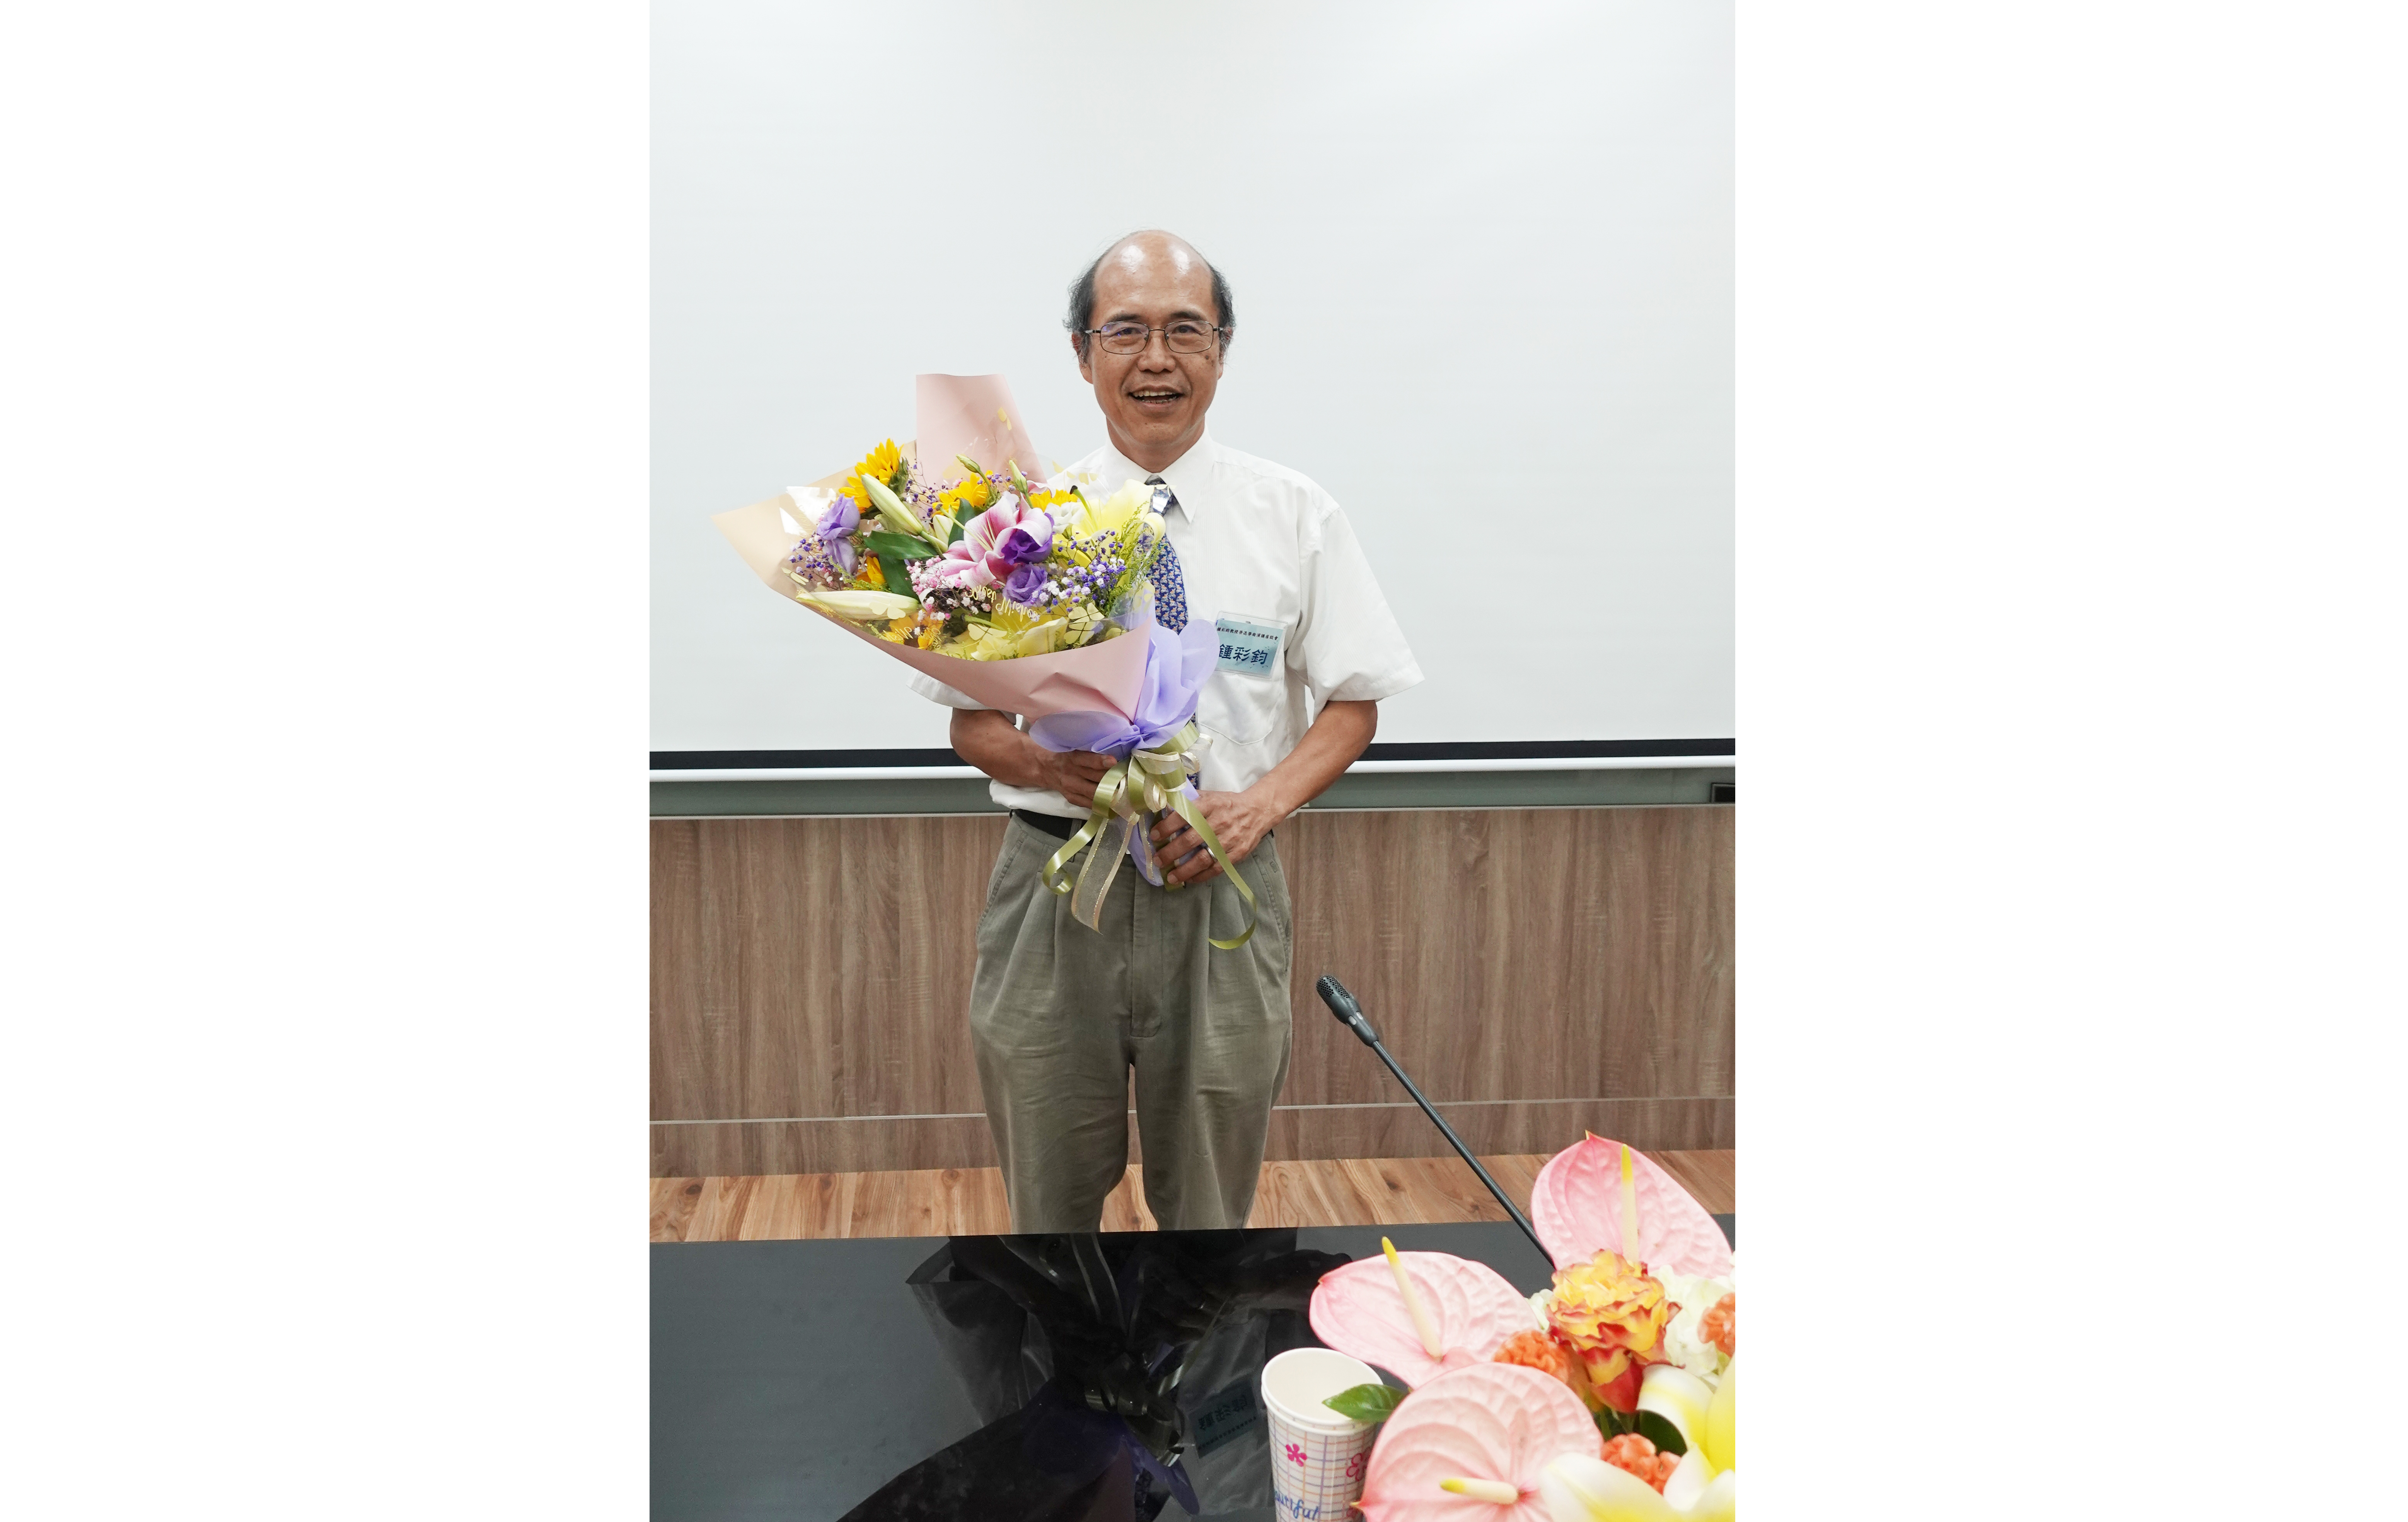 鍾彩鈞教授演講「王陽明與當代程朱學者」紀要